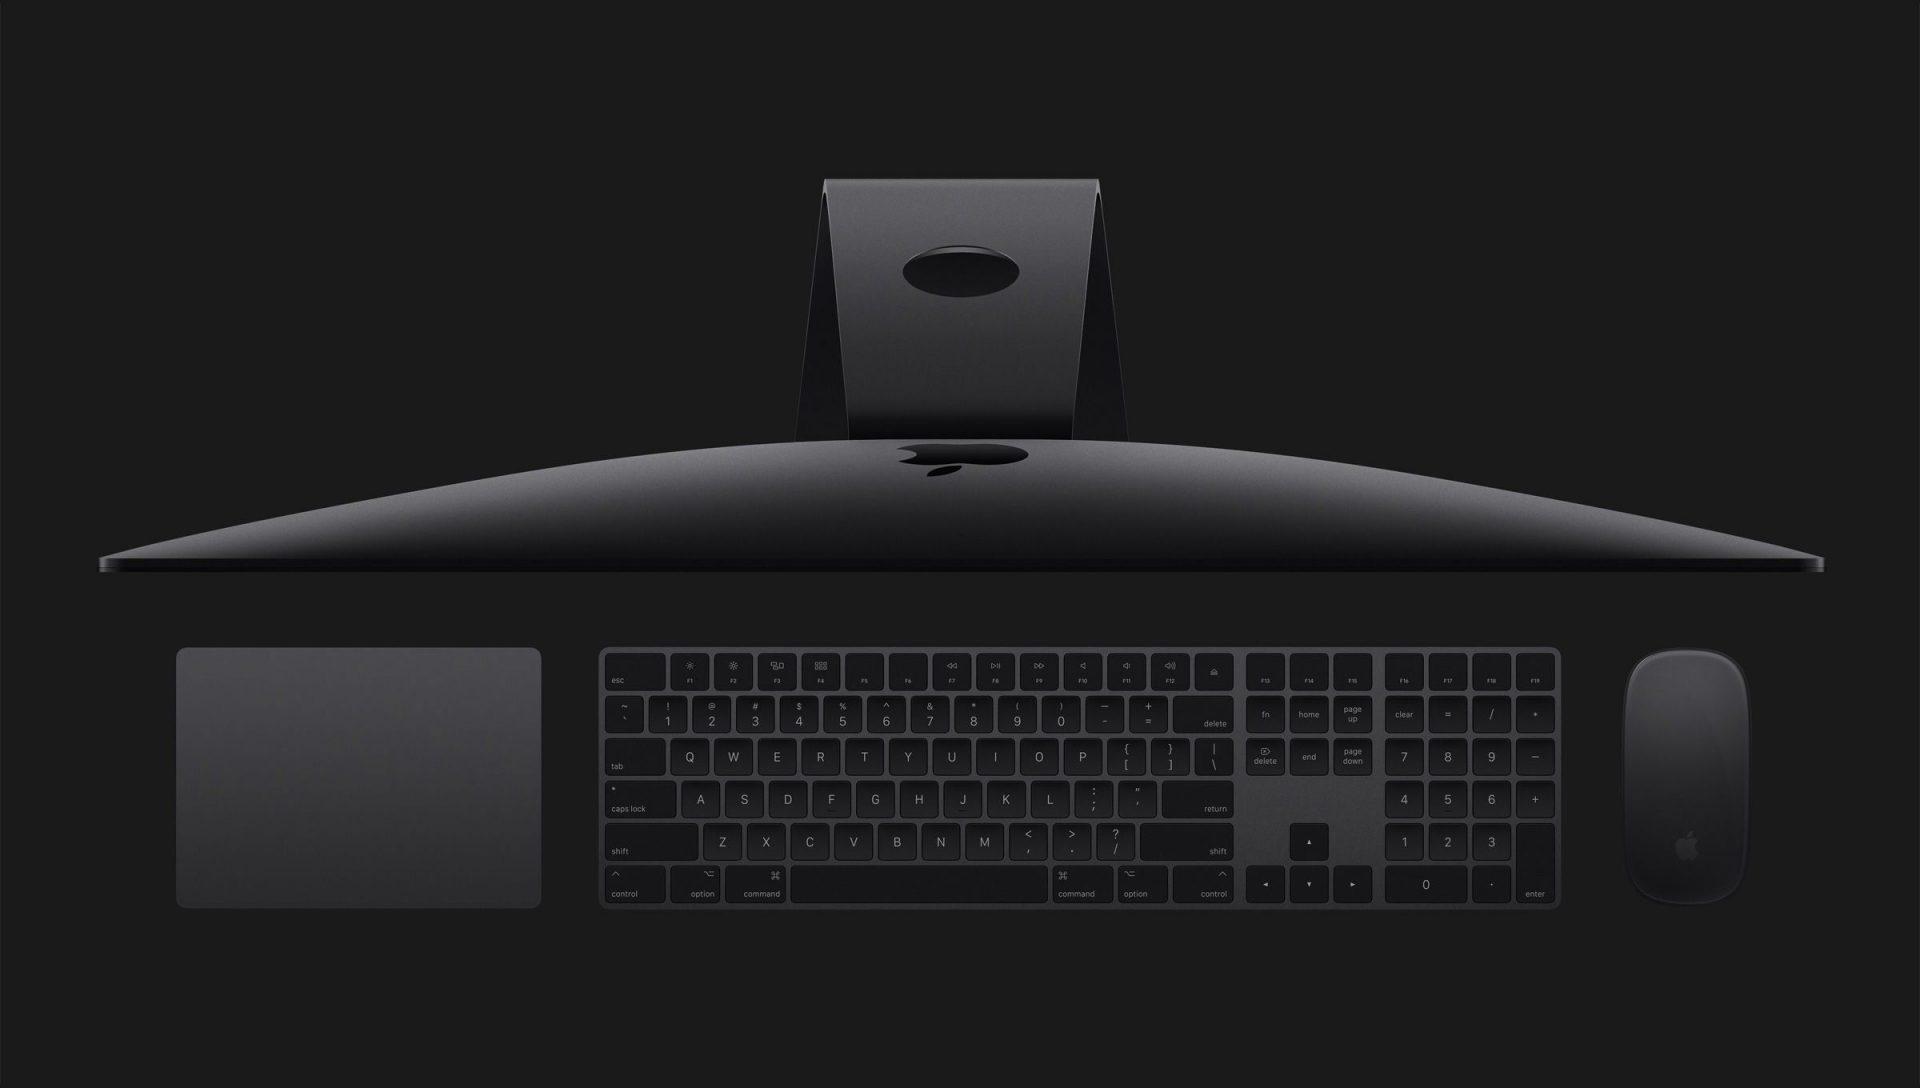 iMac Pro vs iMac 2017